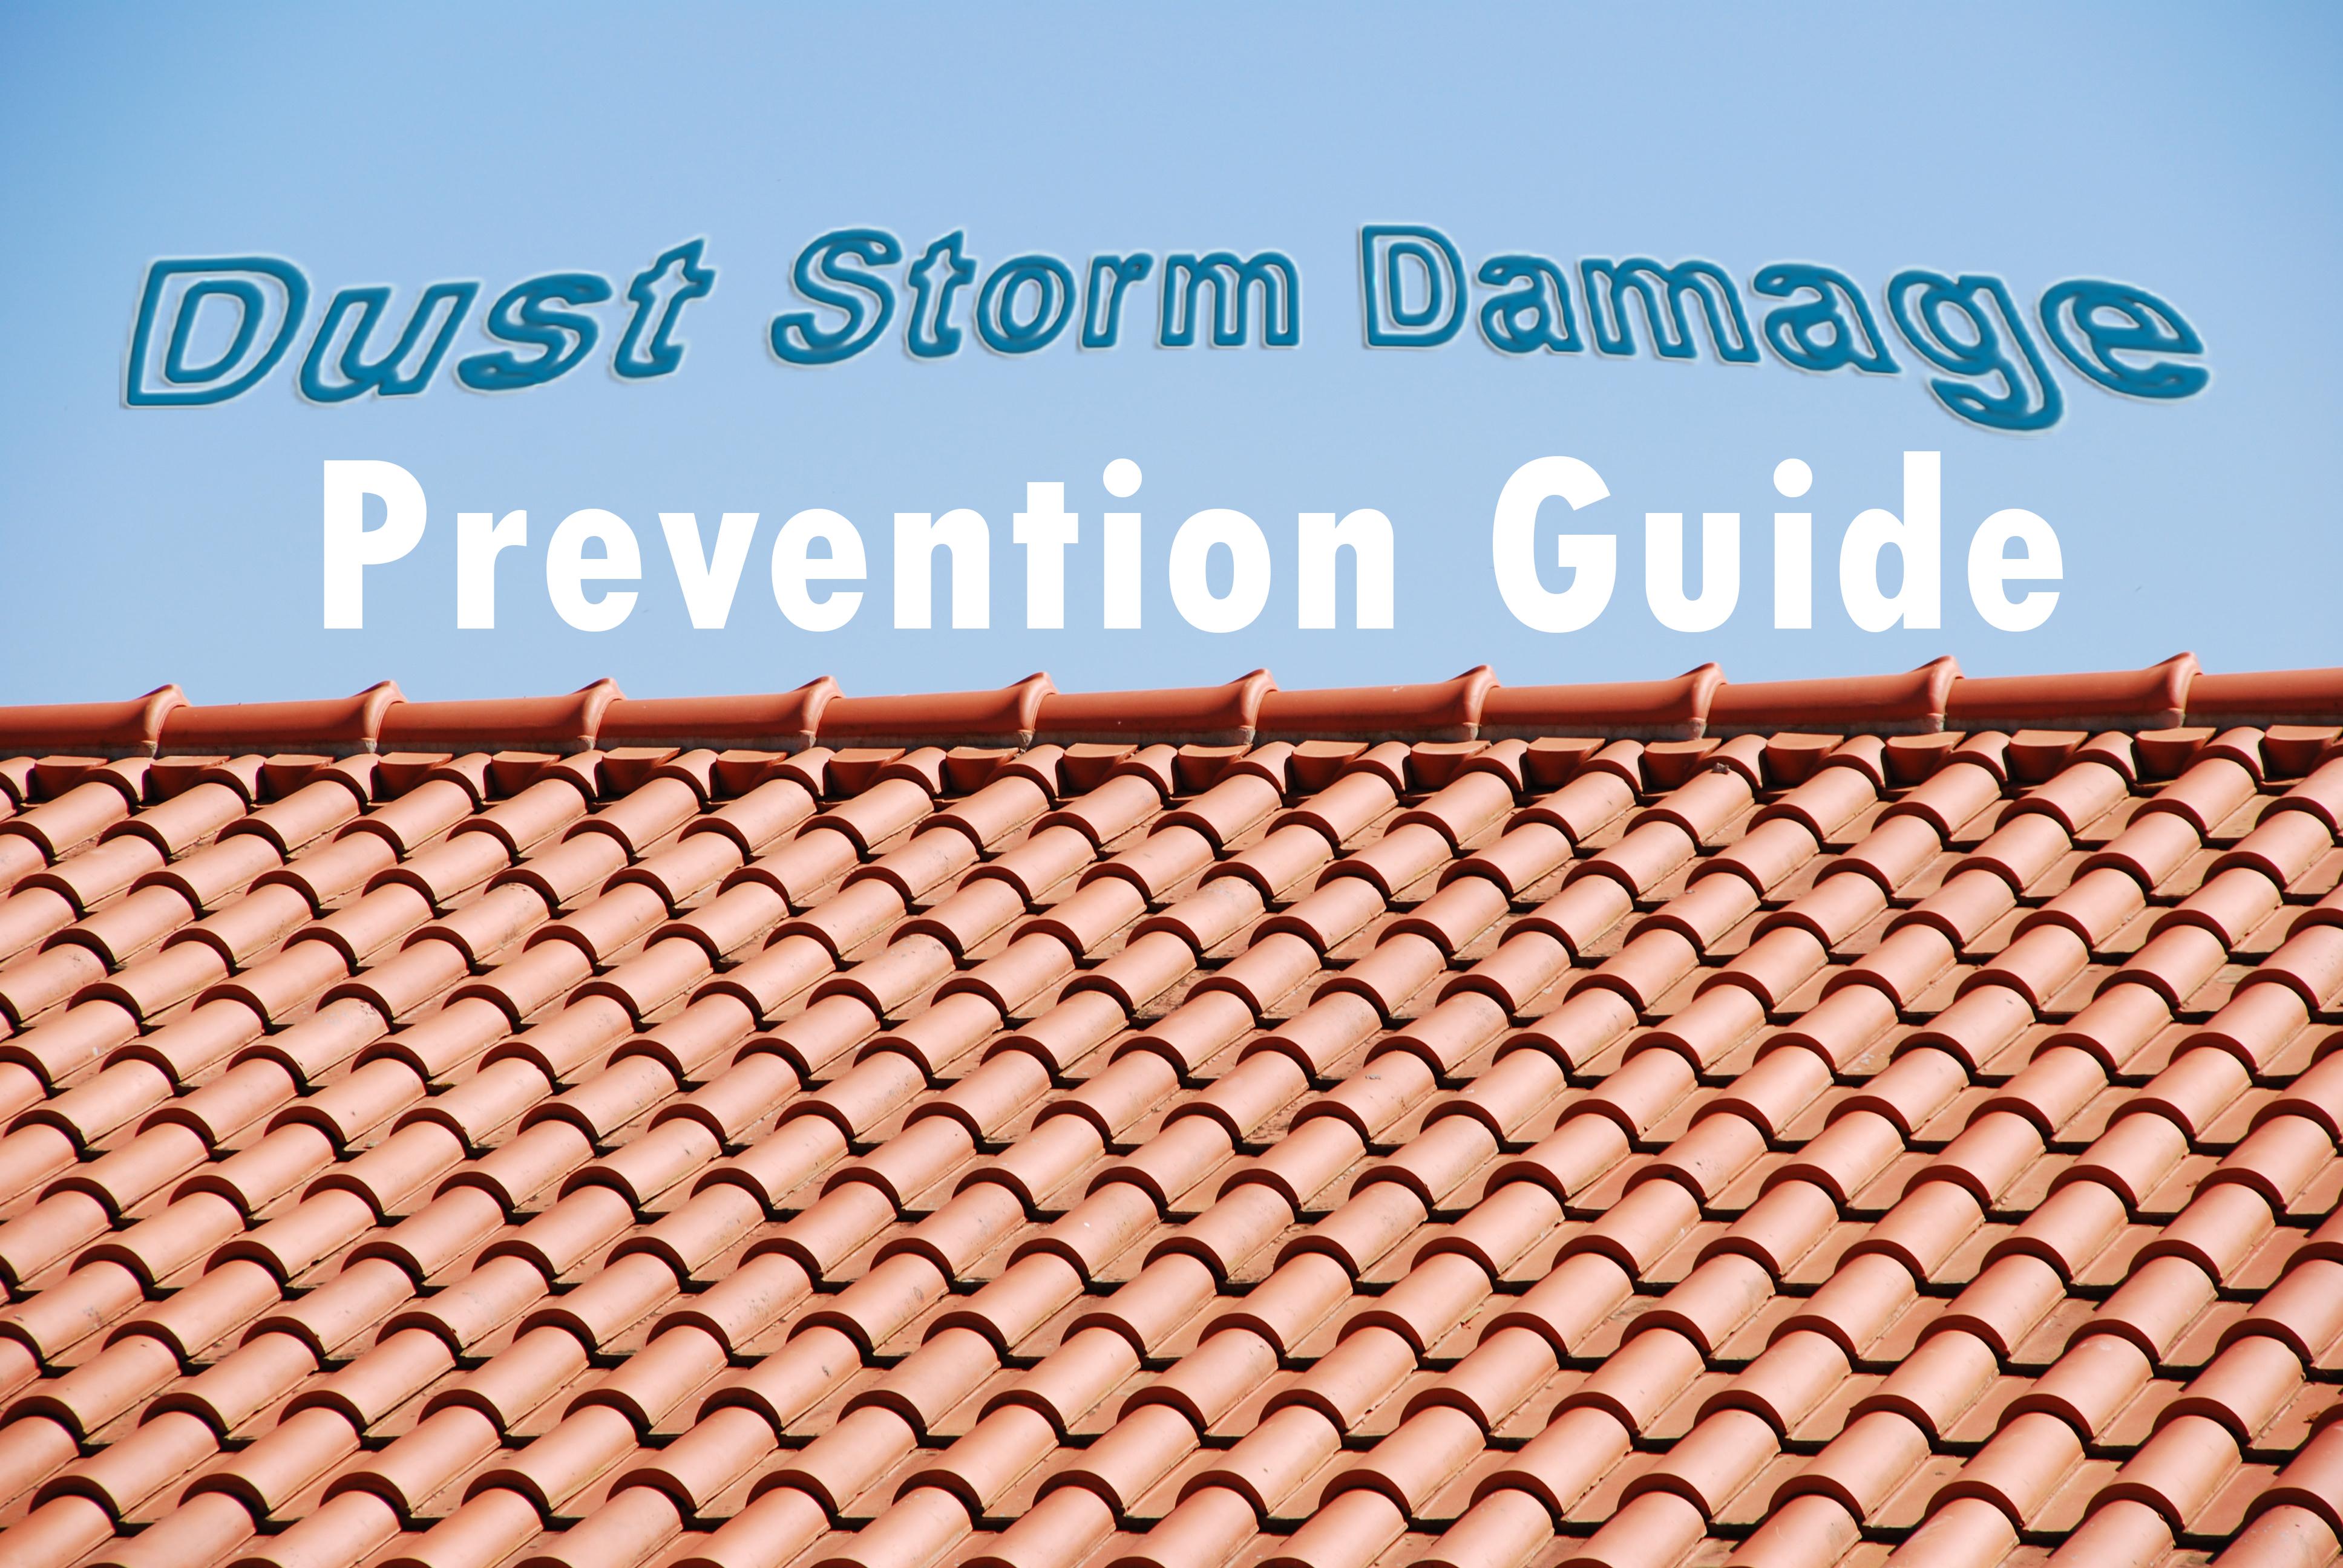 dust storm damage prevention